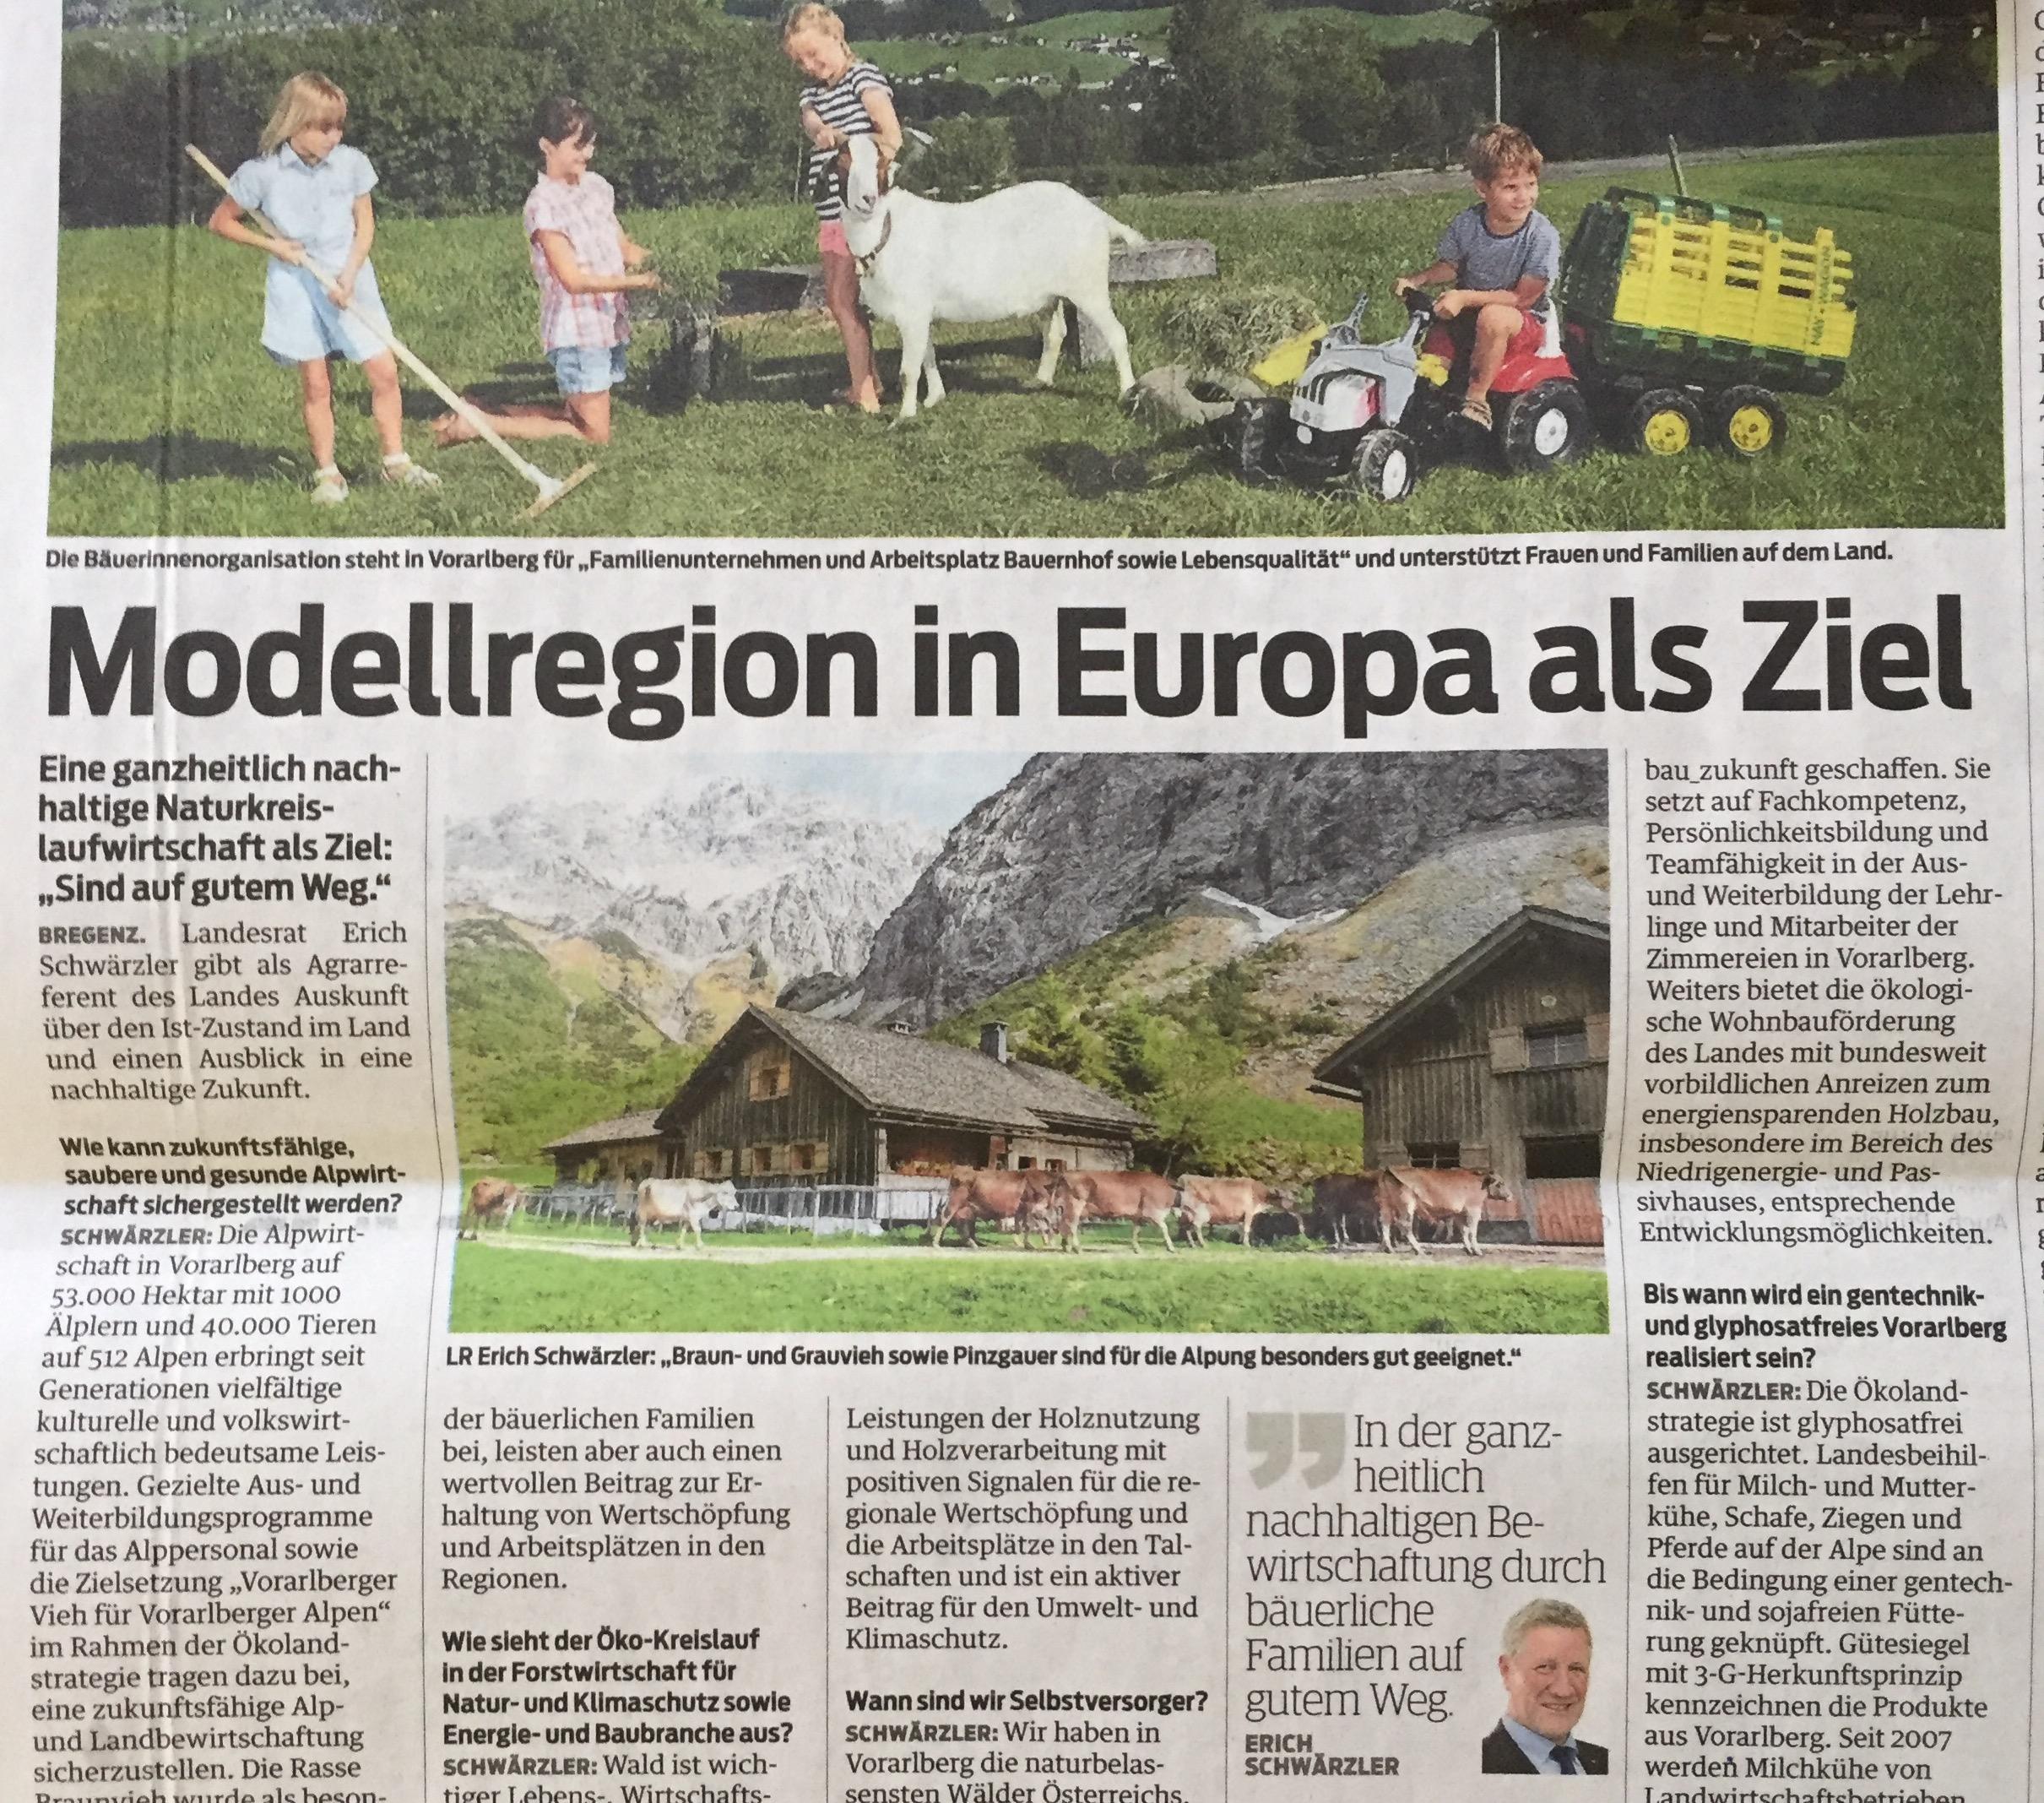 """Modellregion in Europa mit ganzheitlich nachhaltiger Naturkreislaufwirtschaft: """"Sind auf gutem Weg"""", sagt der Vorarlberger Landesrat und Agrarreferent Erich Schwärzler. (Vorarlberger Nachrichten, www.progression.at)"""